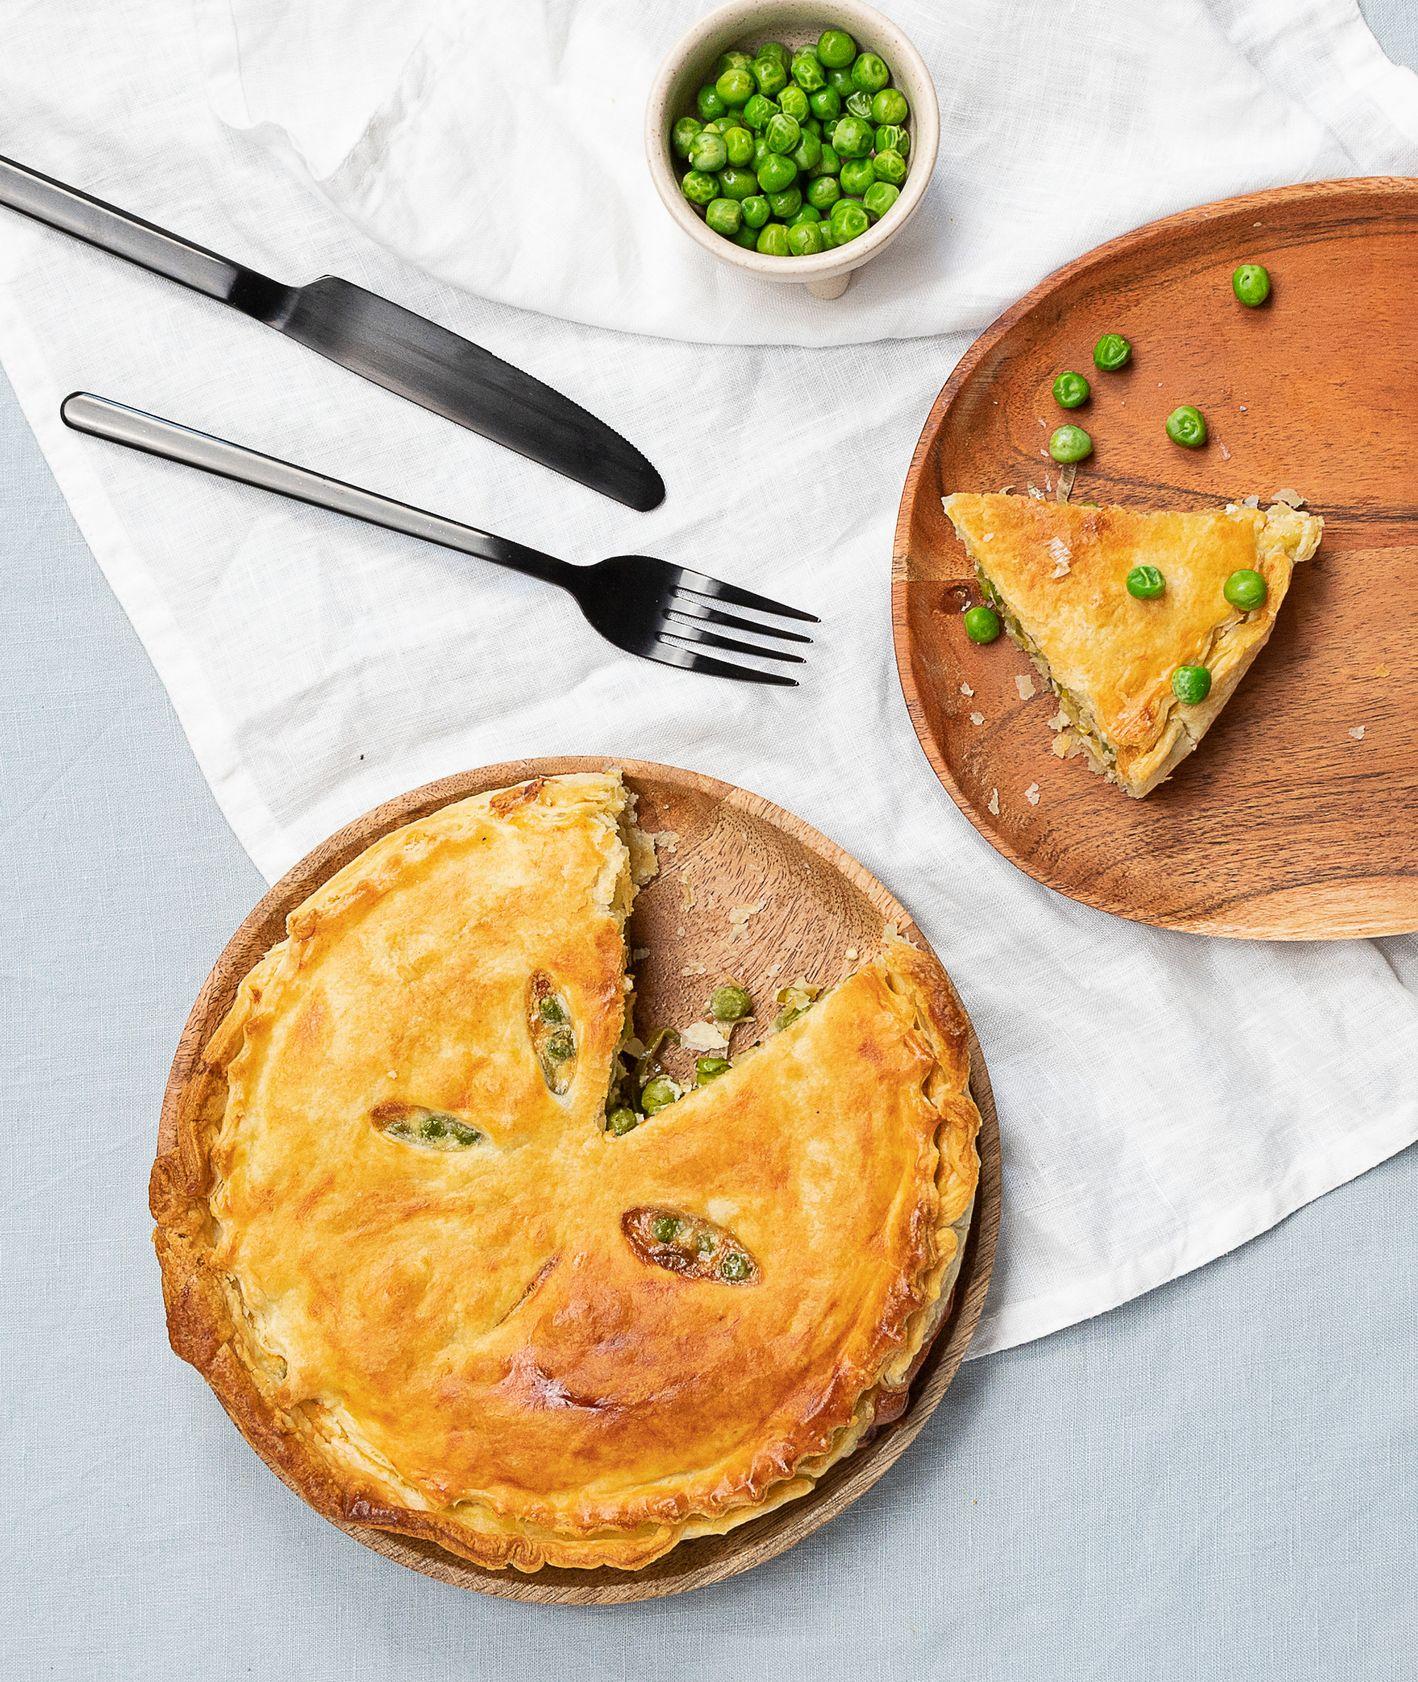 Tarta z porem, zielonym groszkiem i gorgonzolą na chrupiącym cieście francuskim (fot. Paulina Czyżewska)